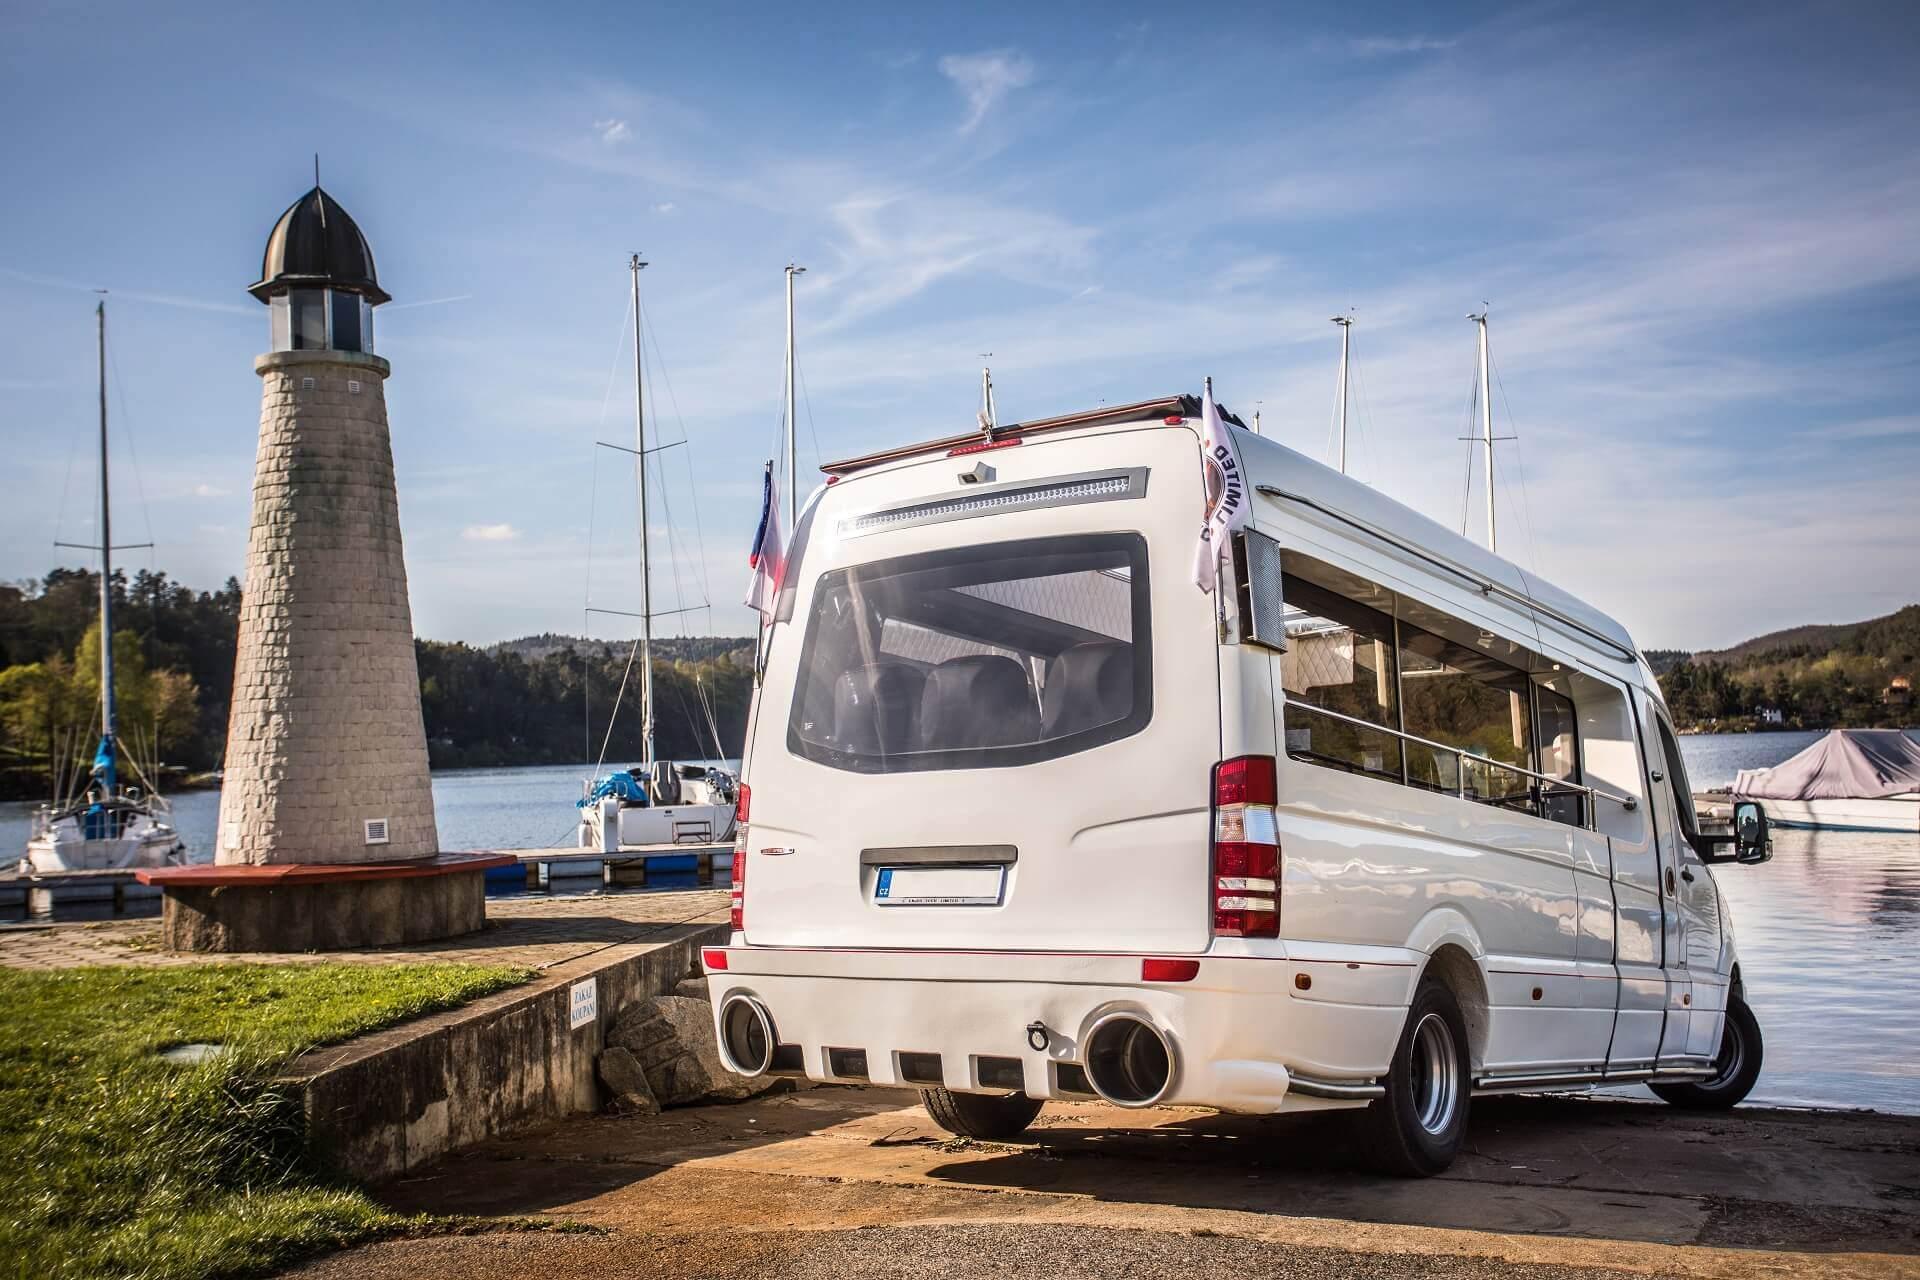 Unikátny obojživelný autobus na veľtrhu BUS SHOW 2018